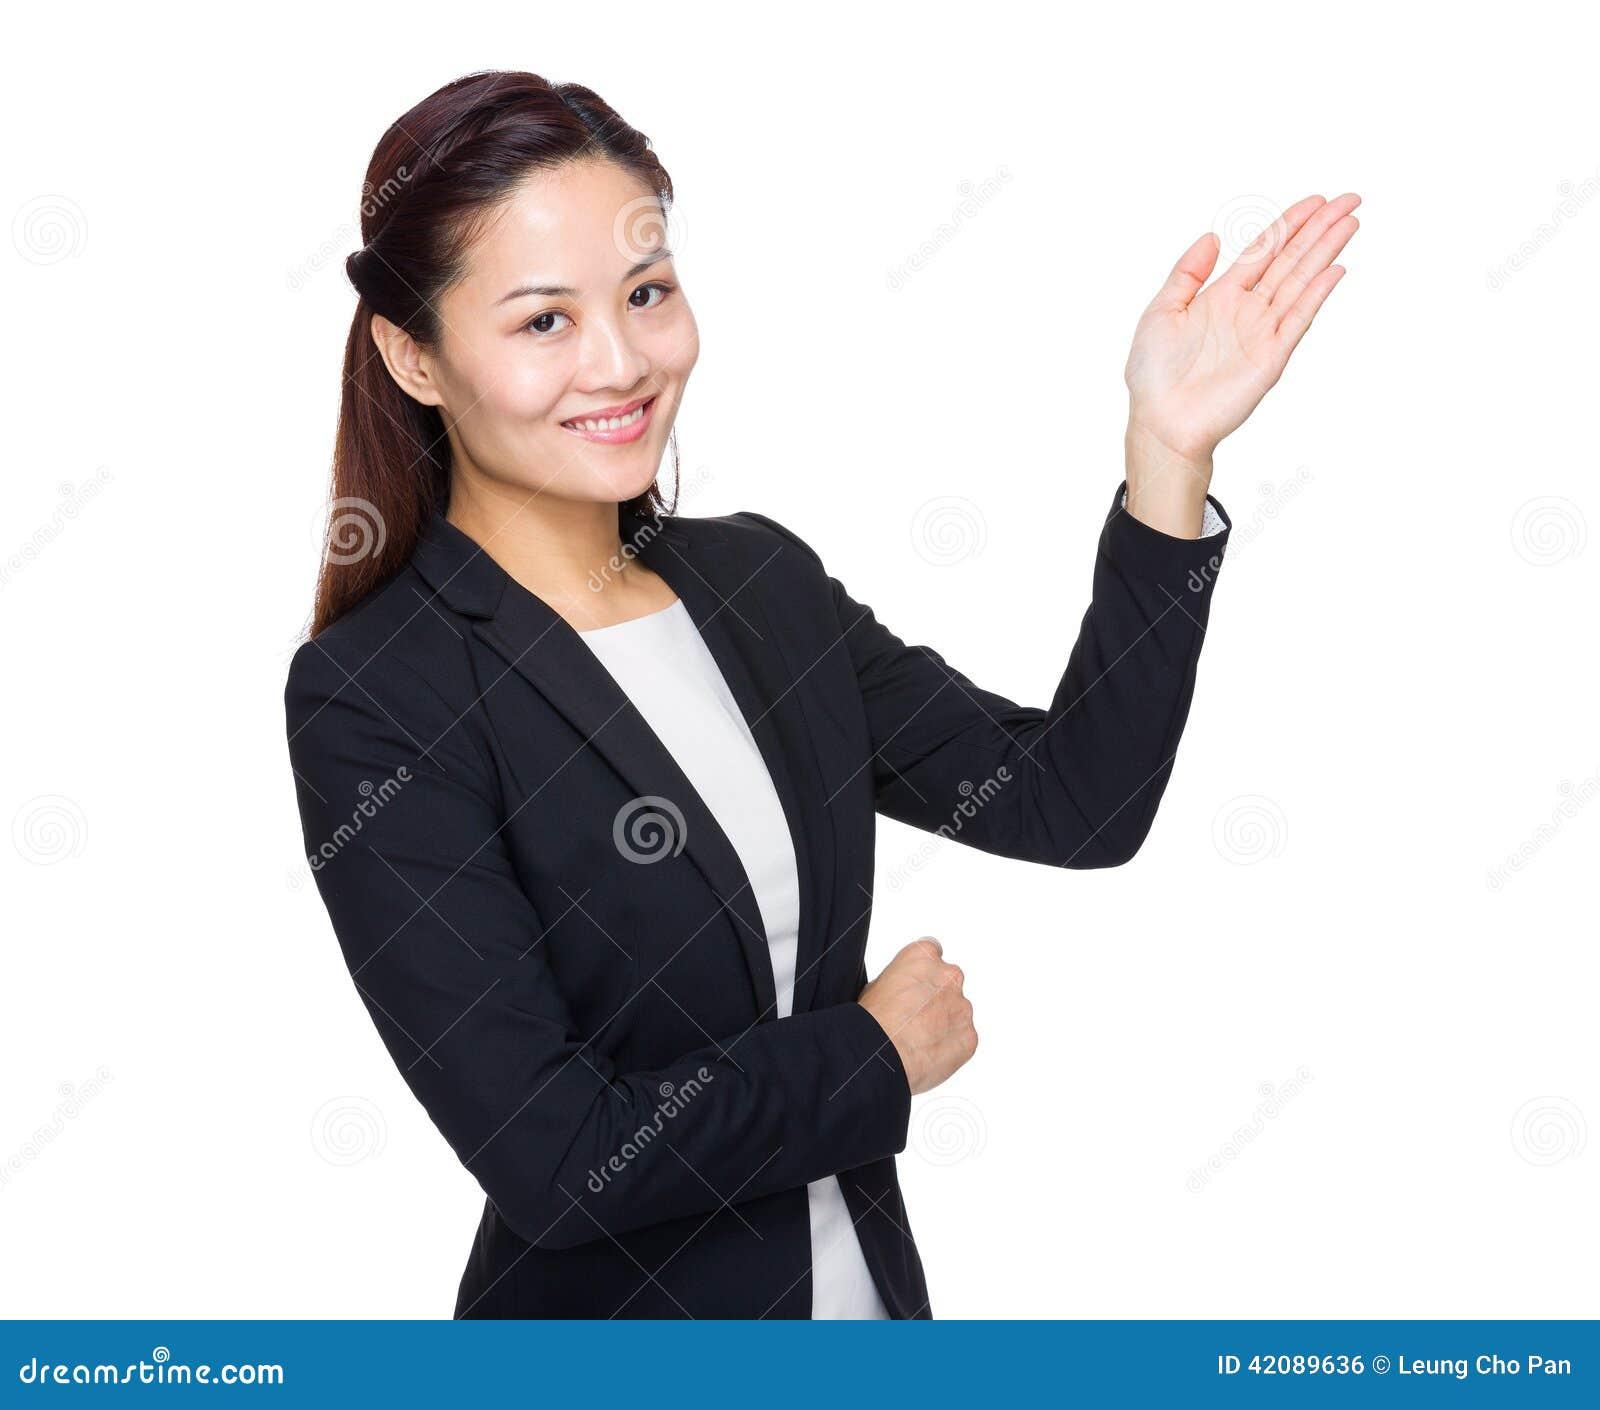 Asian Women In Business Sometimes 82